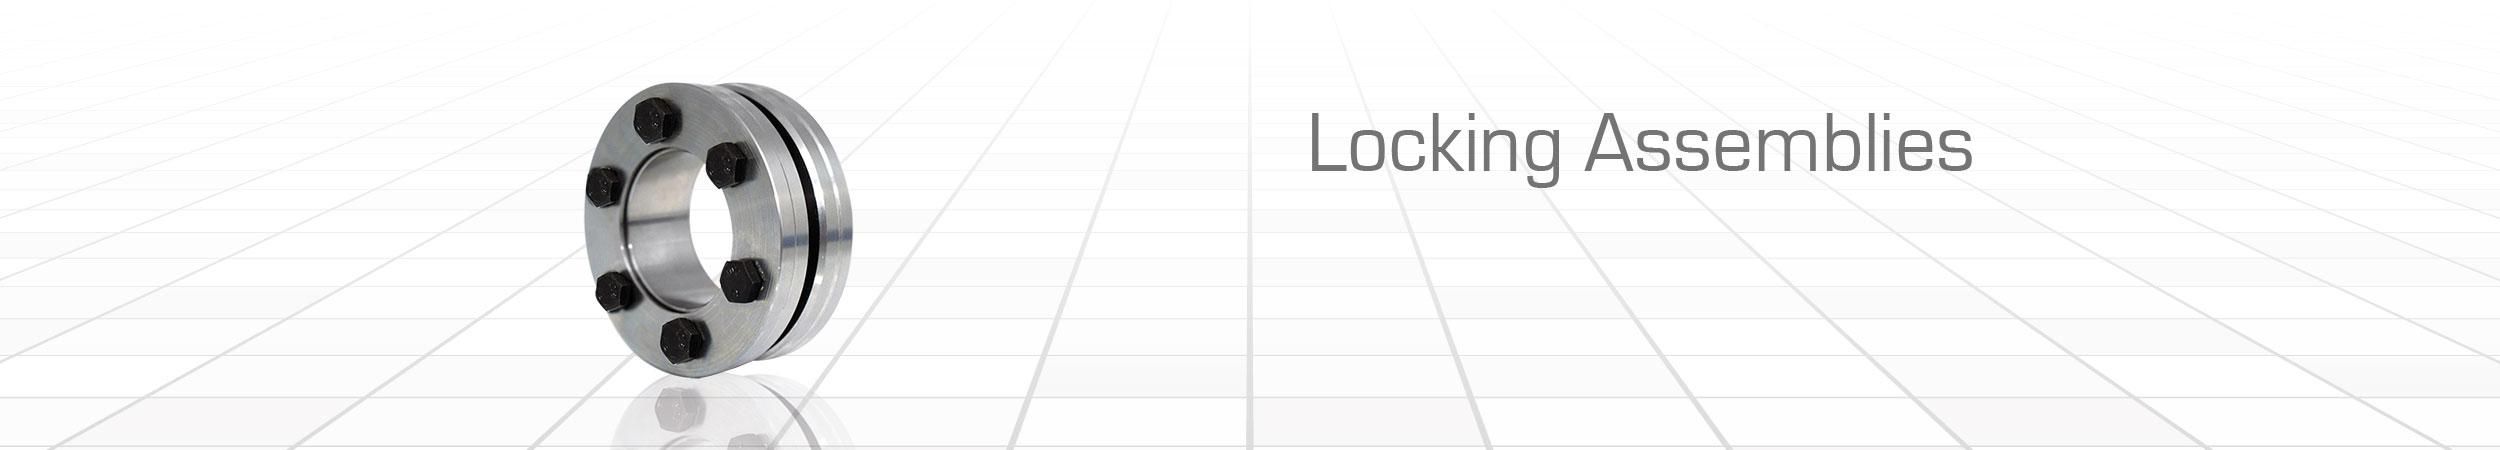 Locking Assemblies